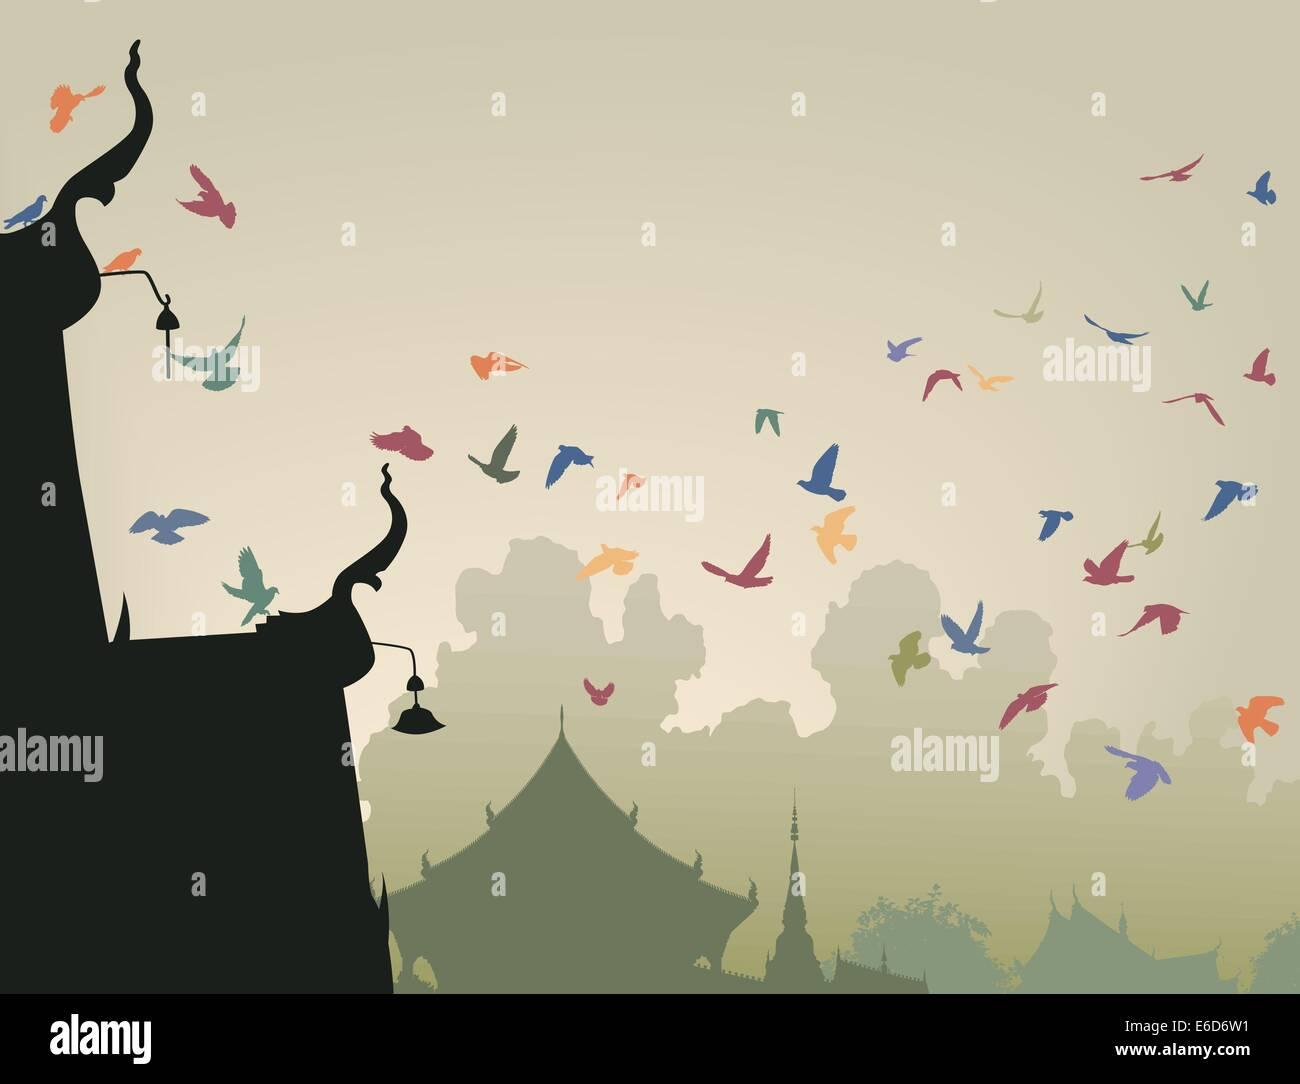 Illustrazione Vettoriale di coloratissimi piccioni in volo per un tempio buddista tetto Illustrazione Vettoriale